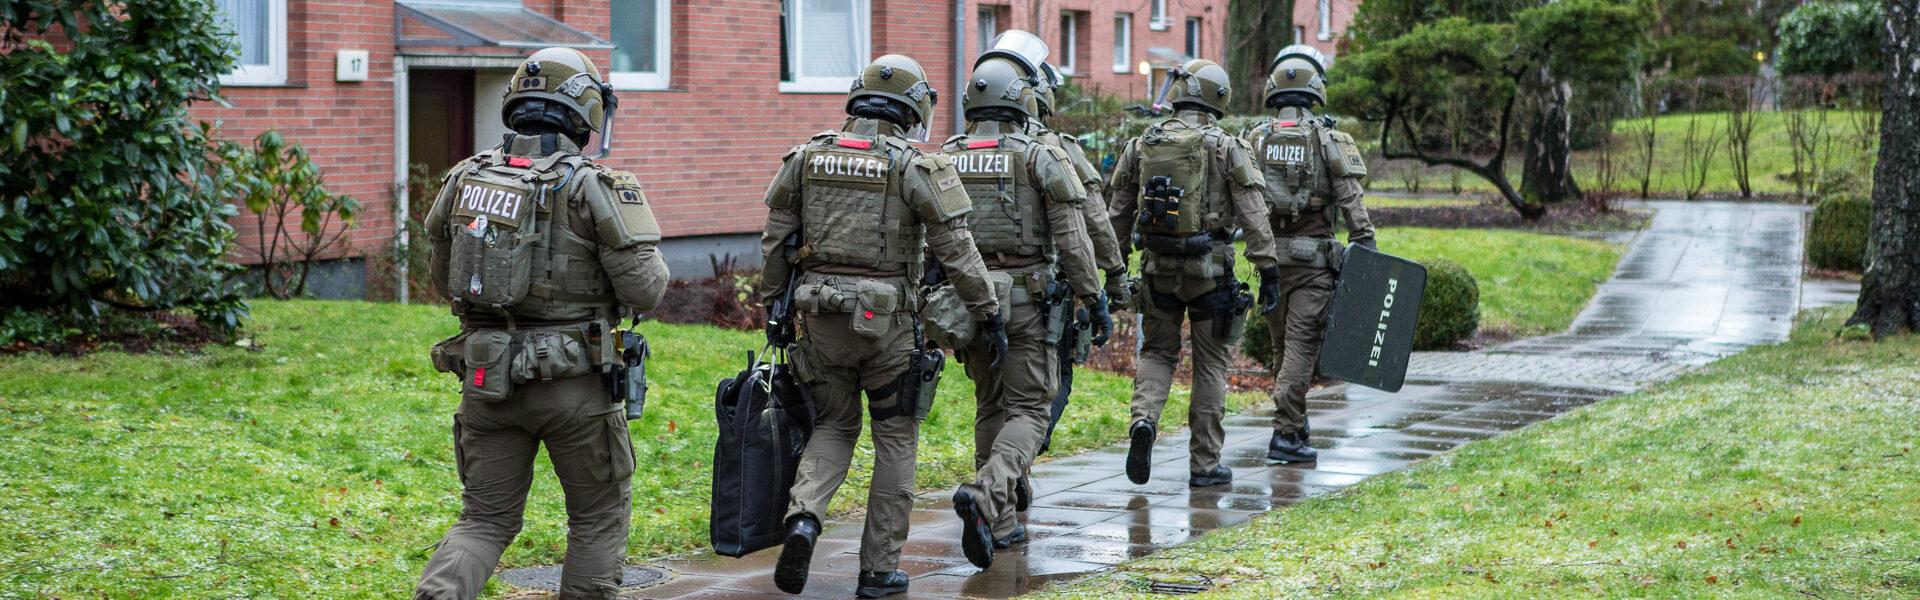 13.01.2021 – Großeinsatz der Polizei in Hamburg Bramfeld